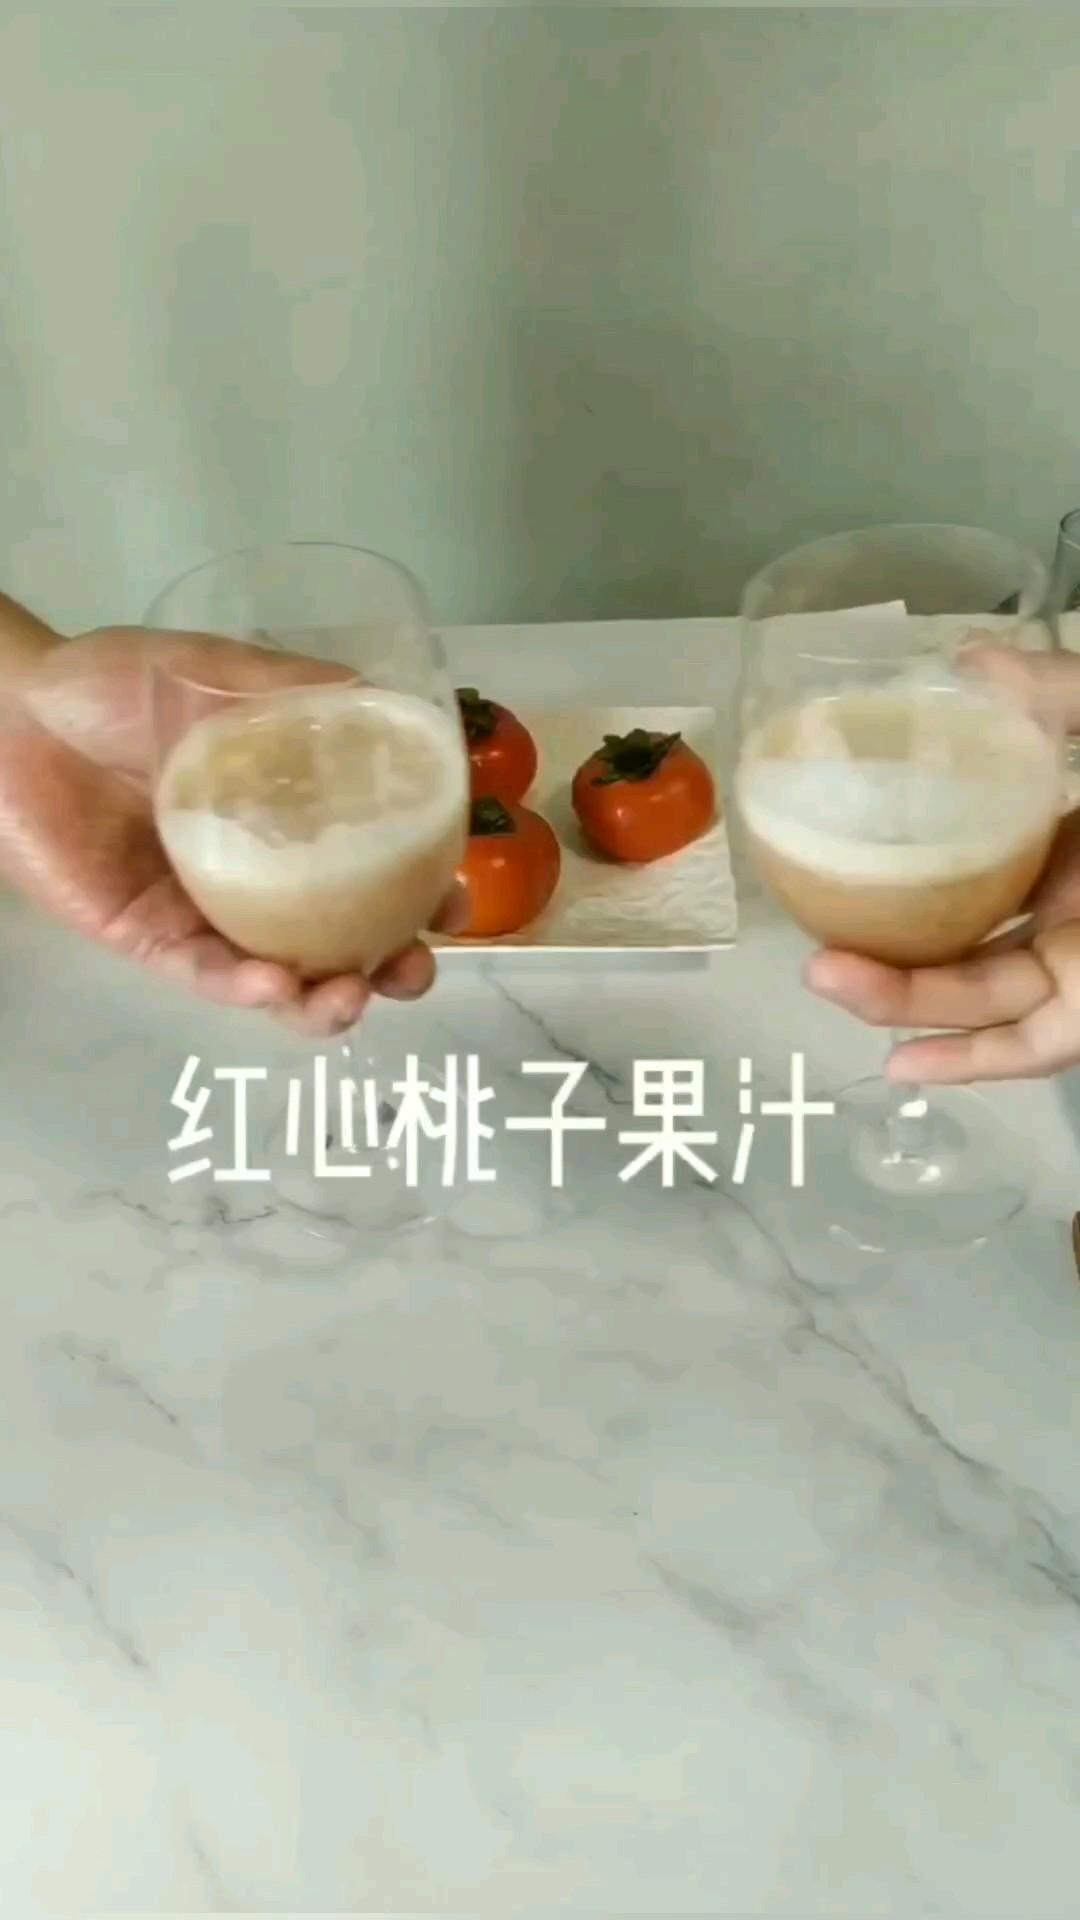 降秋燥,常喝鲜果汁,家乡的秋桃最美味